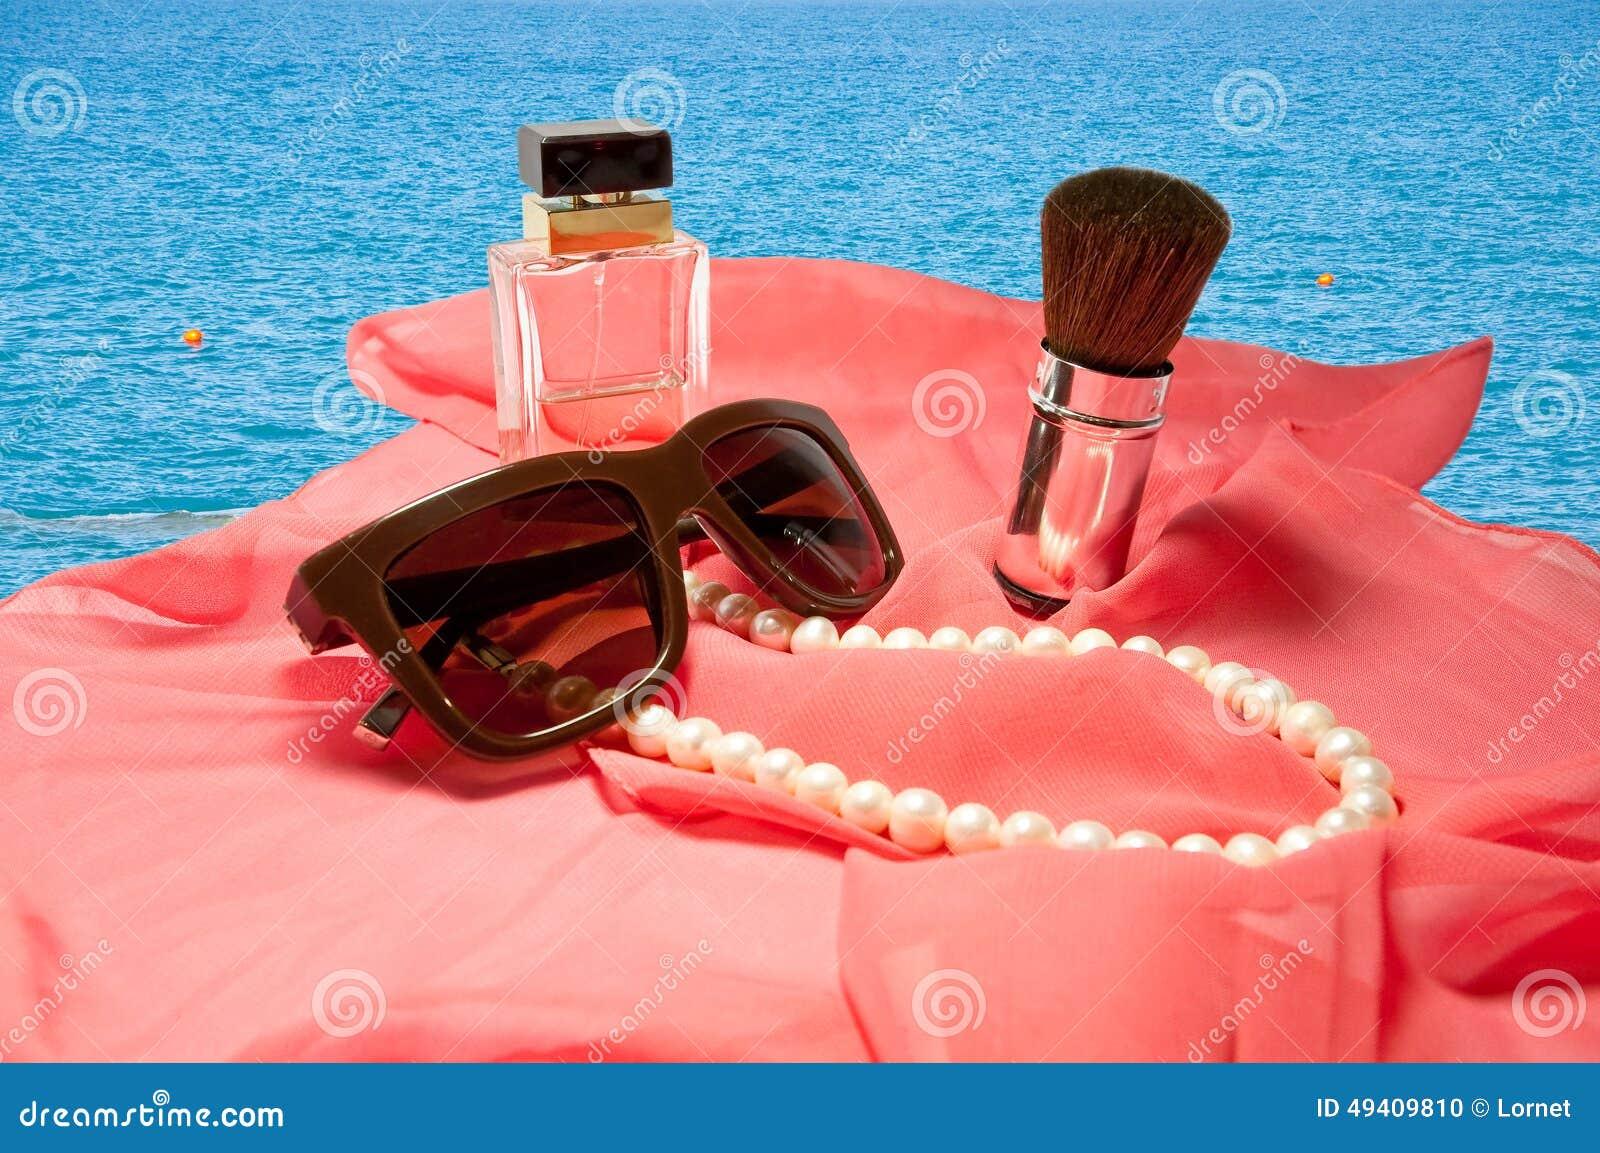 Download Das Zubehör Der Frauen Lokalisiert Auf Seehintergrund Stockfoto - Bild von attraktiv, flasche: 49409810